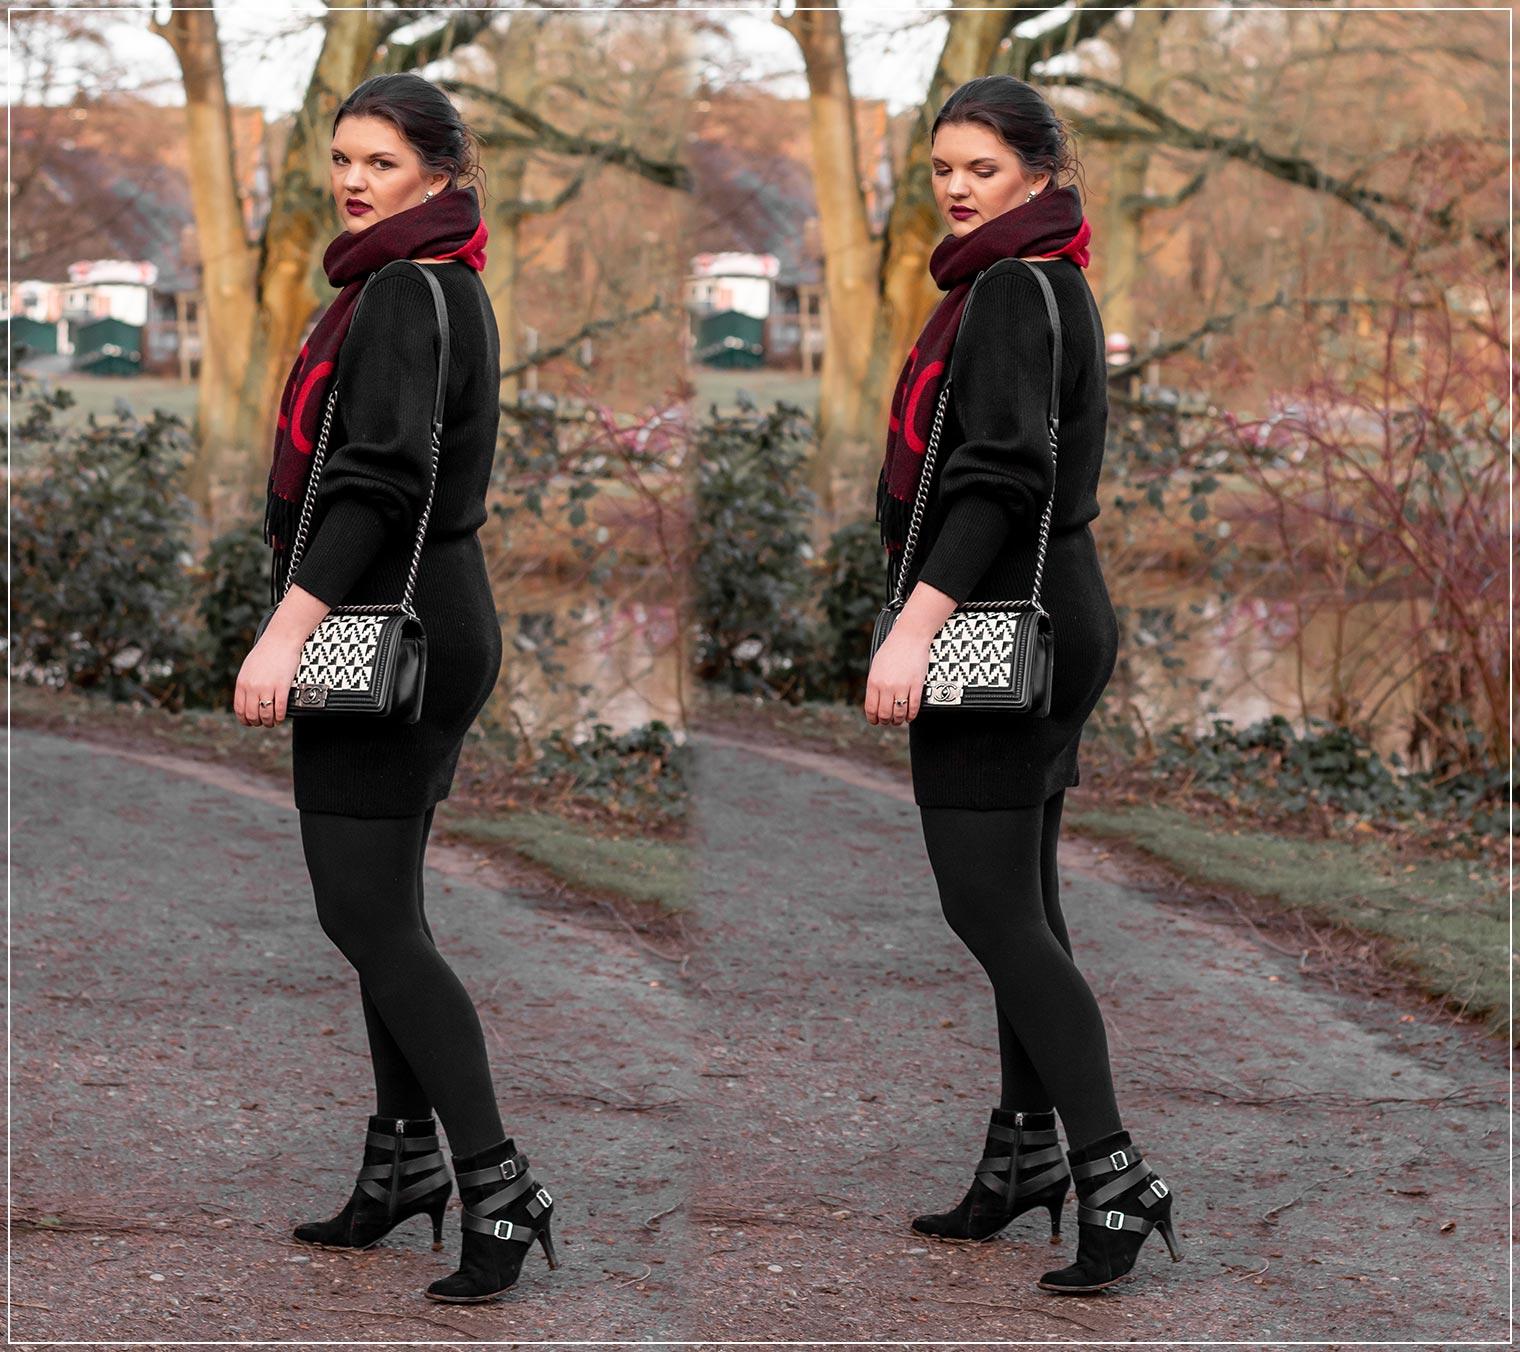 Schwarzes Rippenstrickkleid elegant im Winter tragen